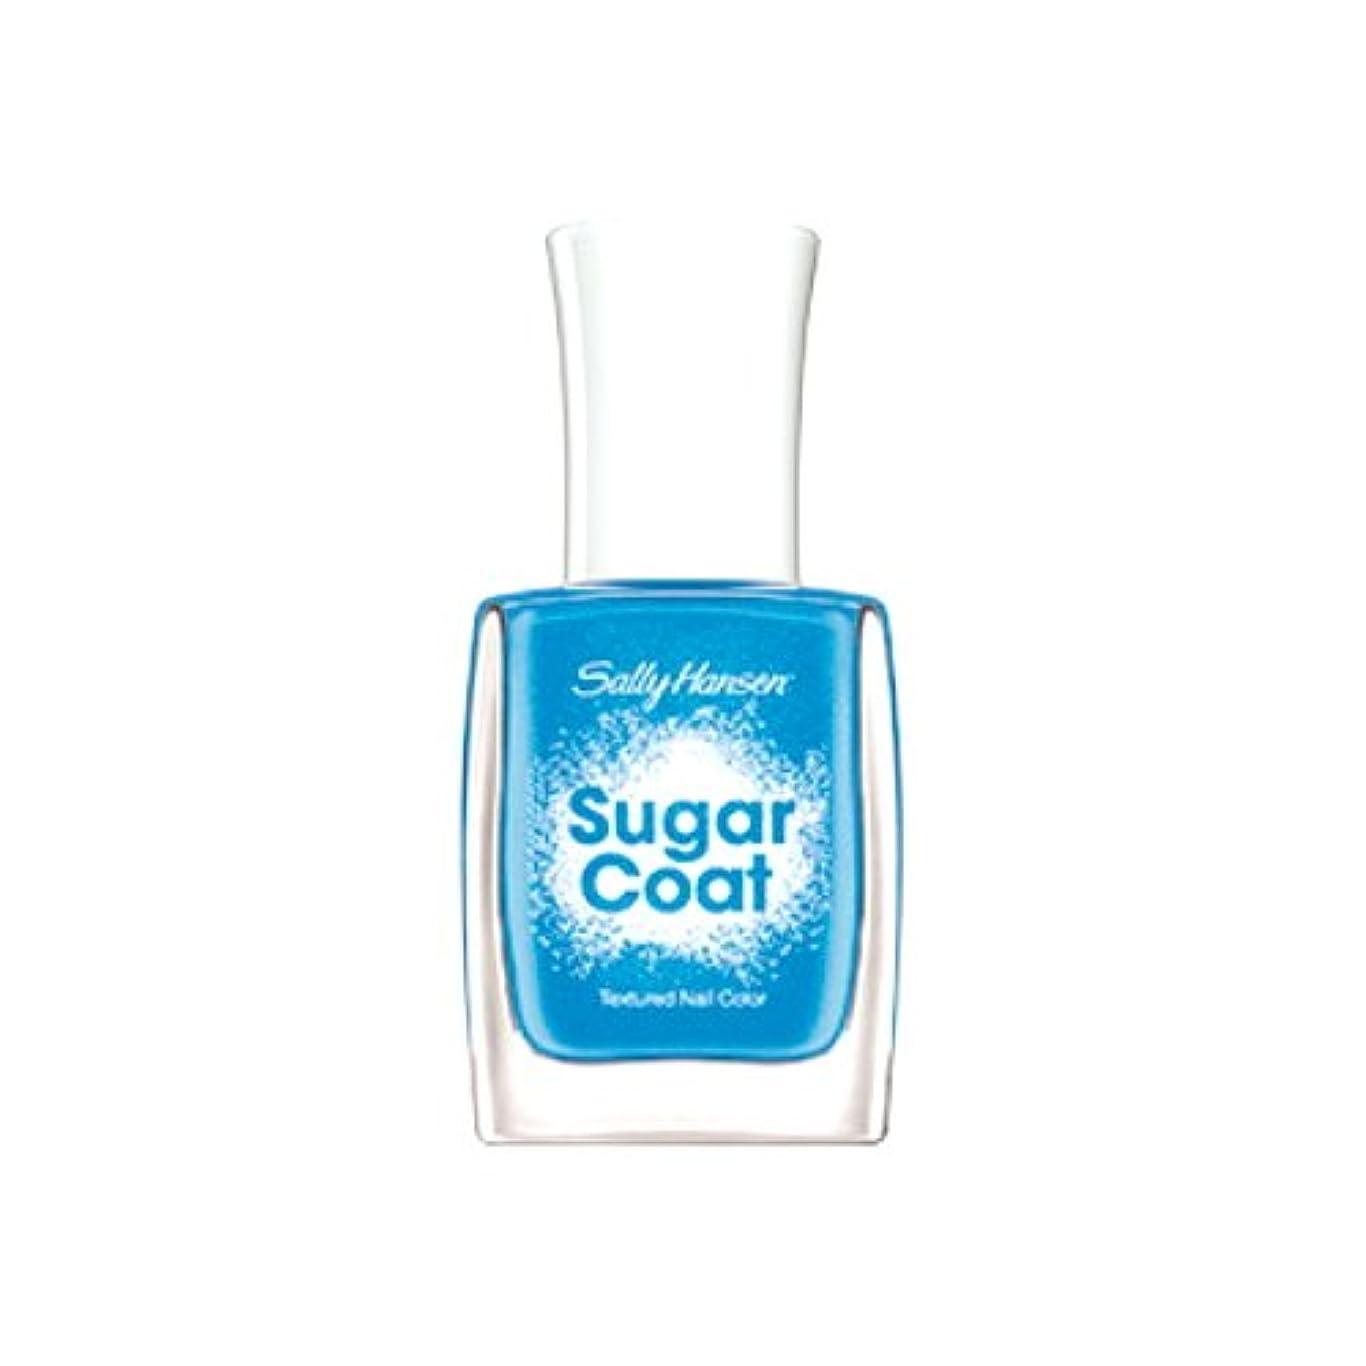 オデュッセウス後世コンパイルSALLY HANSEN Sugar Coat Special Effect Textured Nail Color - Razzle-berry (並行輸入品)